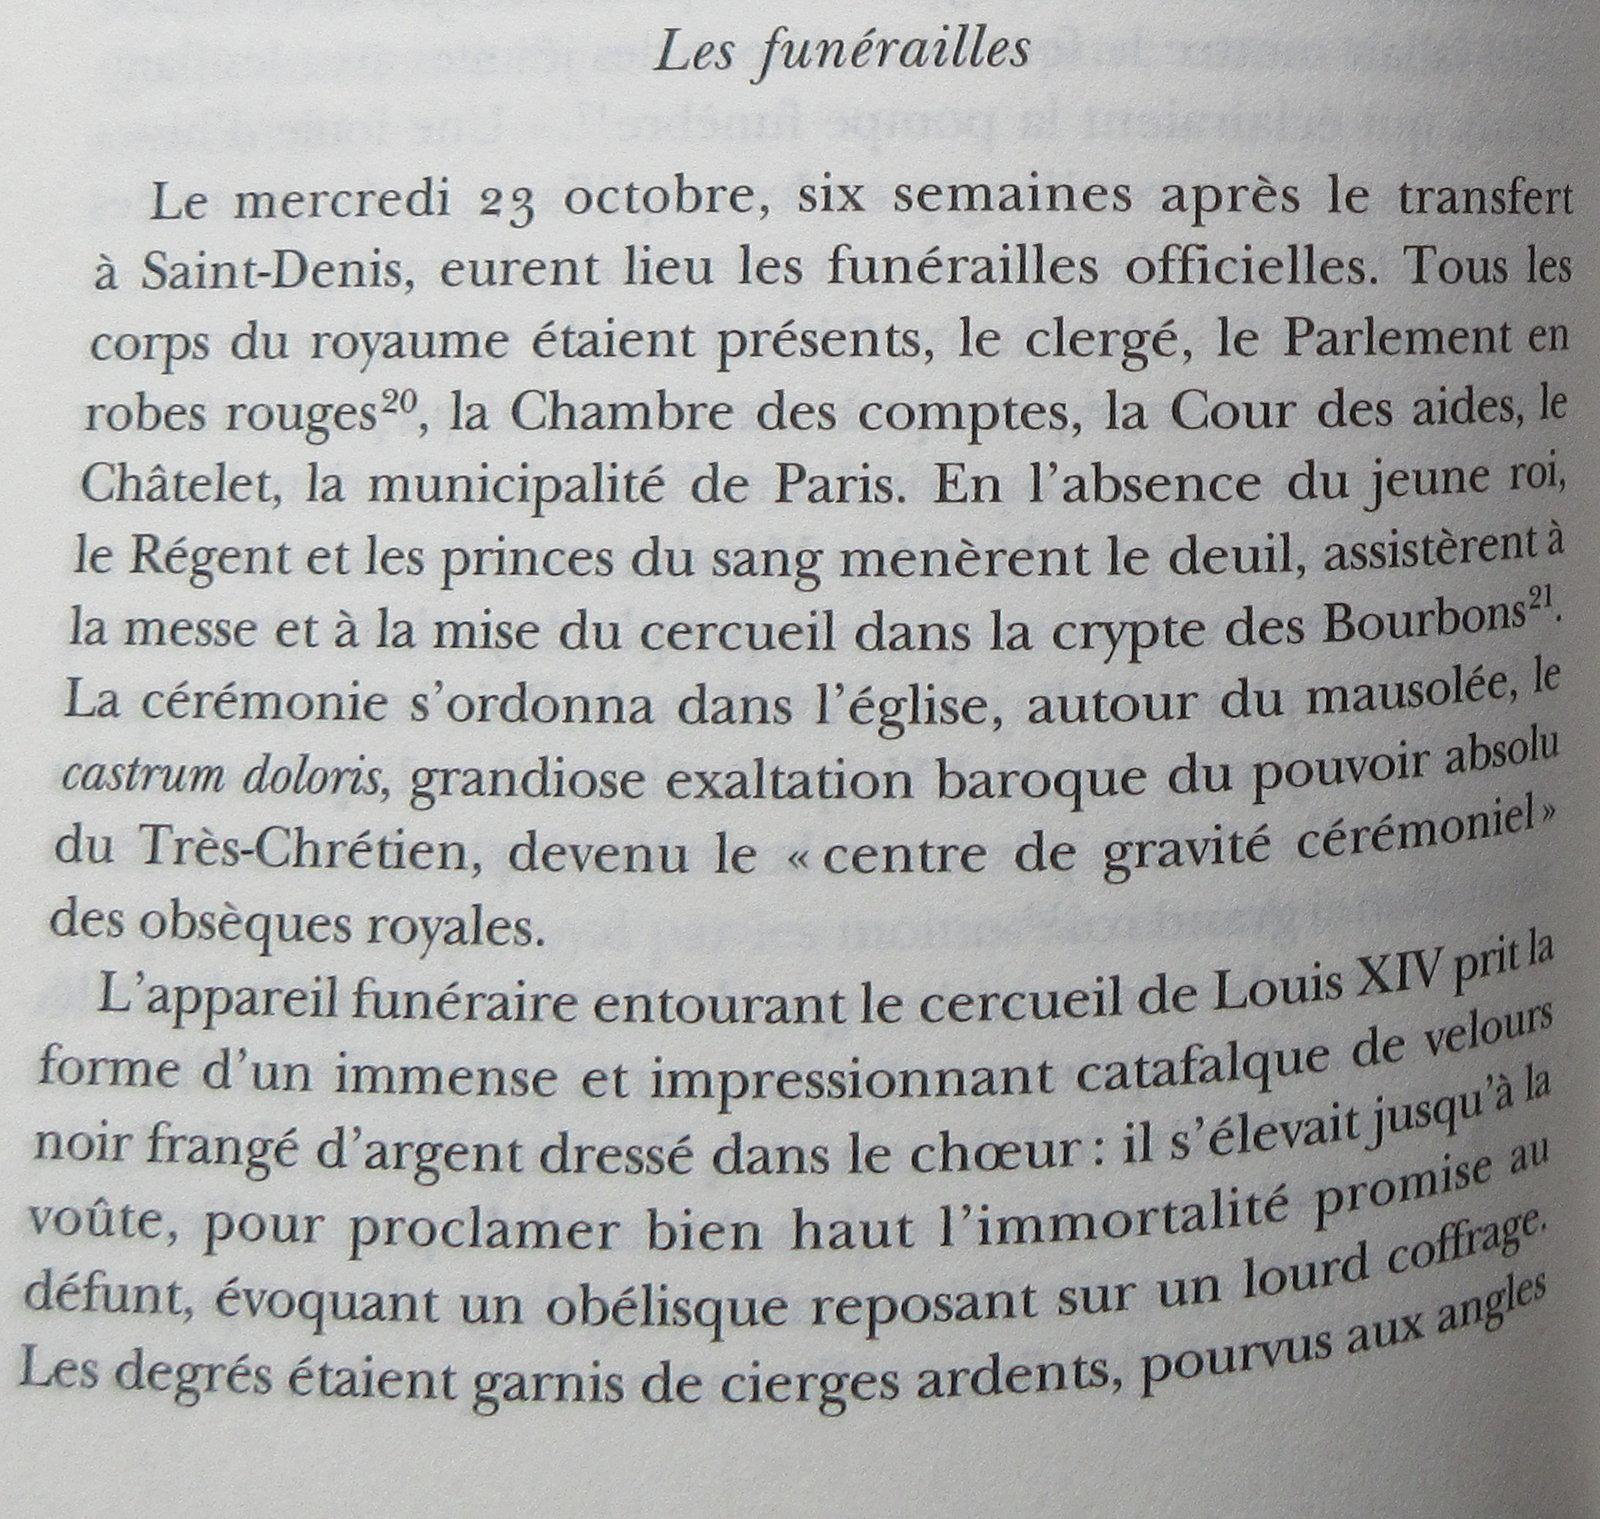 Le cérémonial des funérailles de Louis XIV 200326045814428759